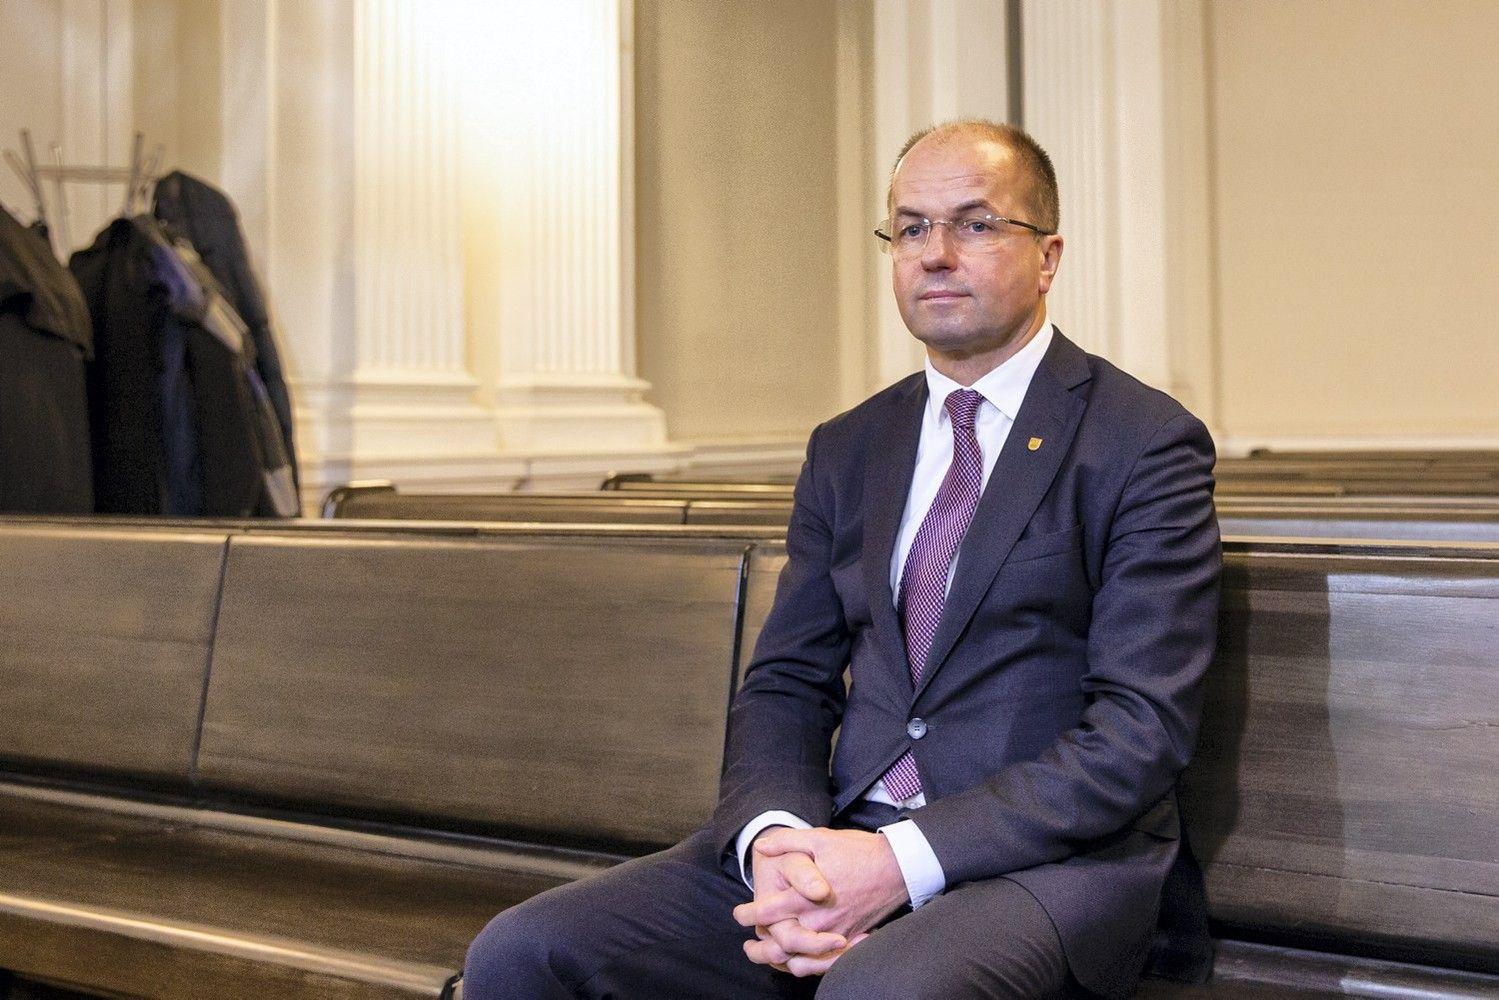 Apie ryšį su R. Kurlianskiu teisme pasakojęs LSMU rektorius: kalbuosi su visais